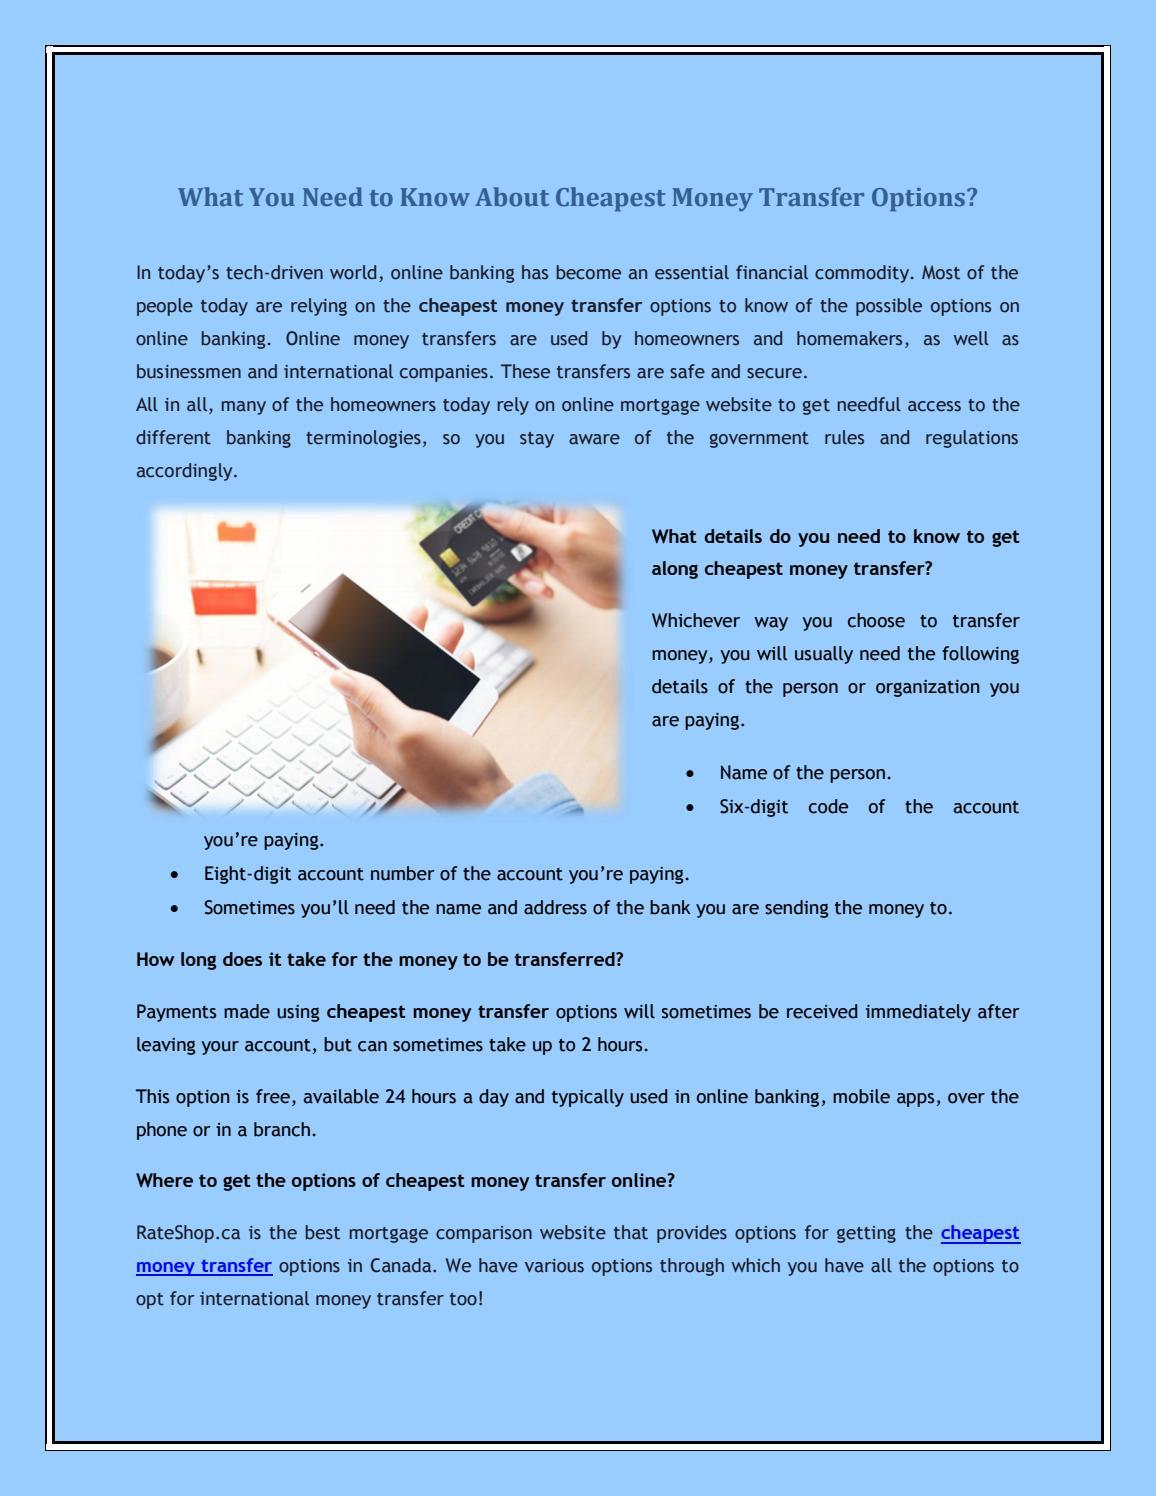 About Est Money Transfer Options